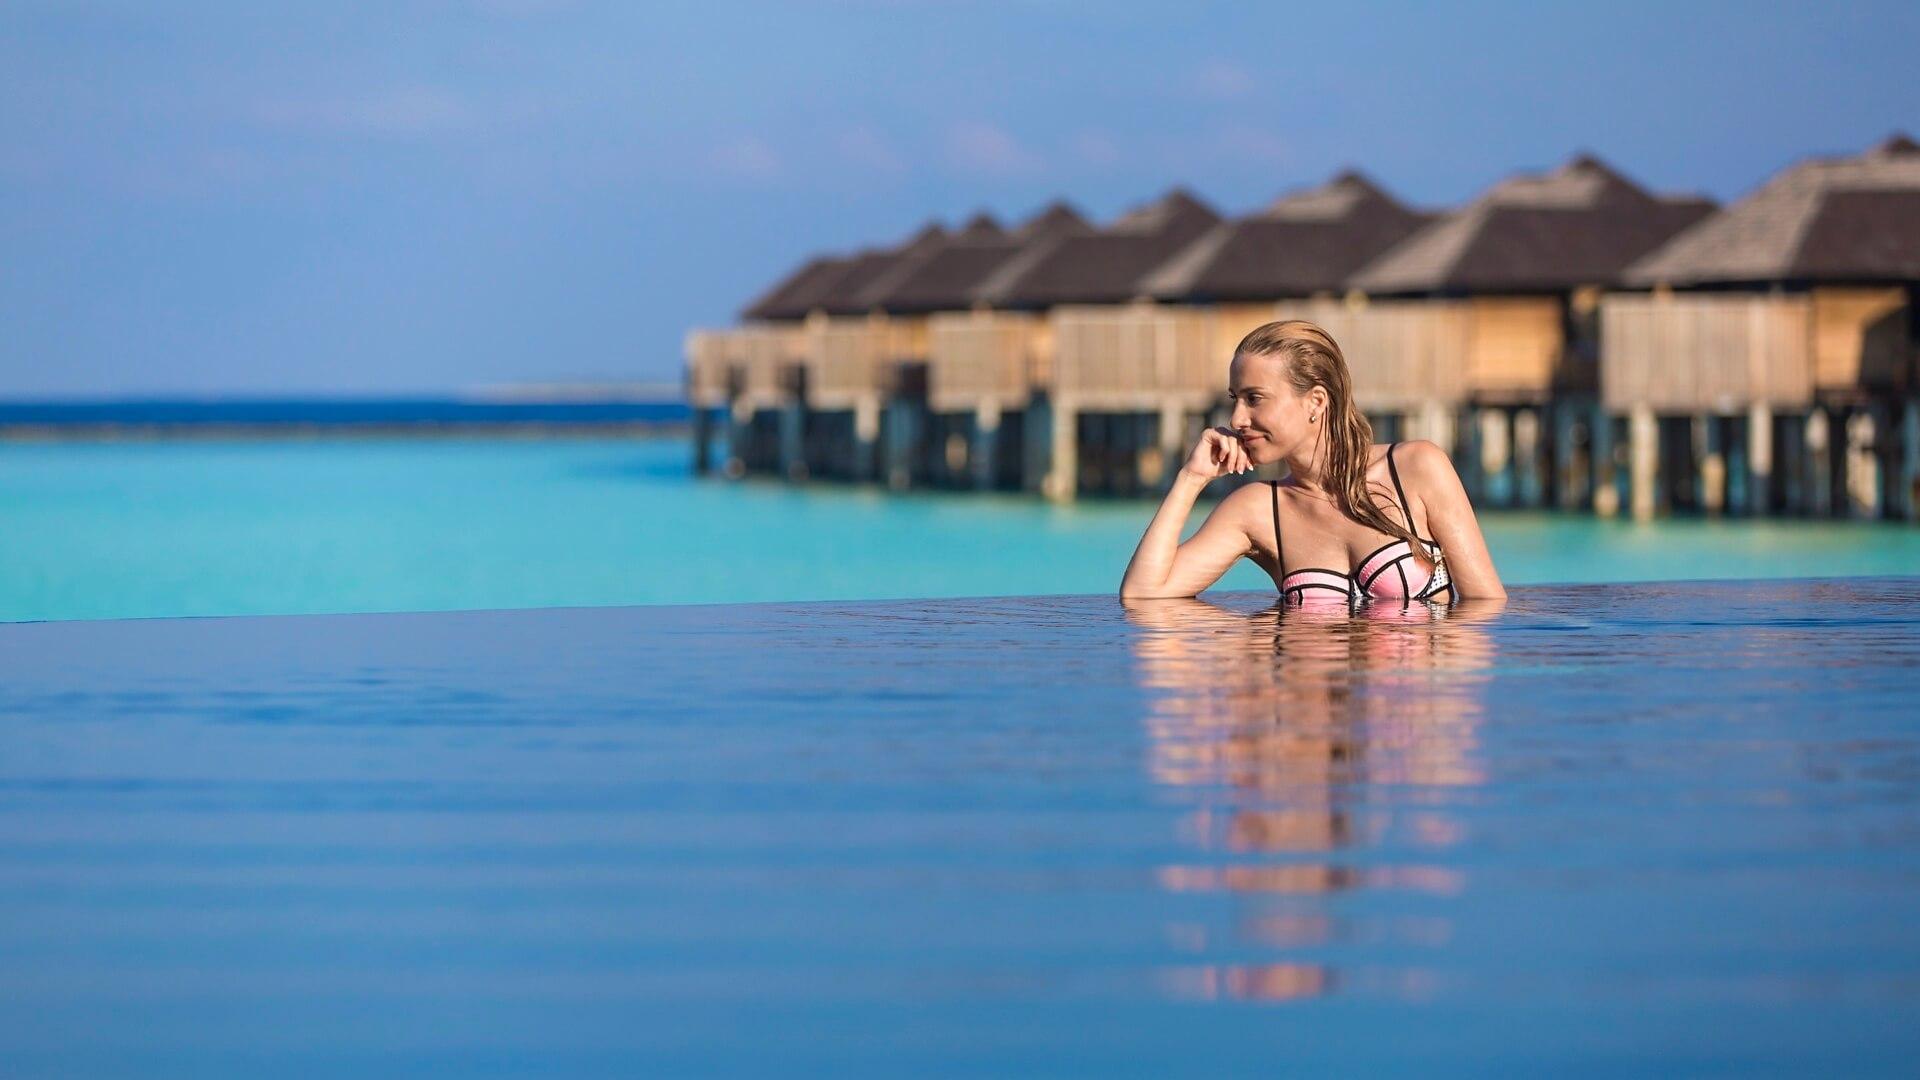 The Sun Siyam Irufushi 5* - Vista di una donna appoggiata al bordo della piscina che guarda l'orizzonte